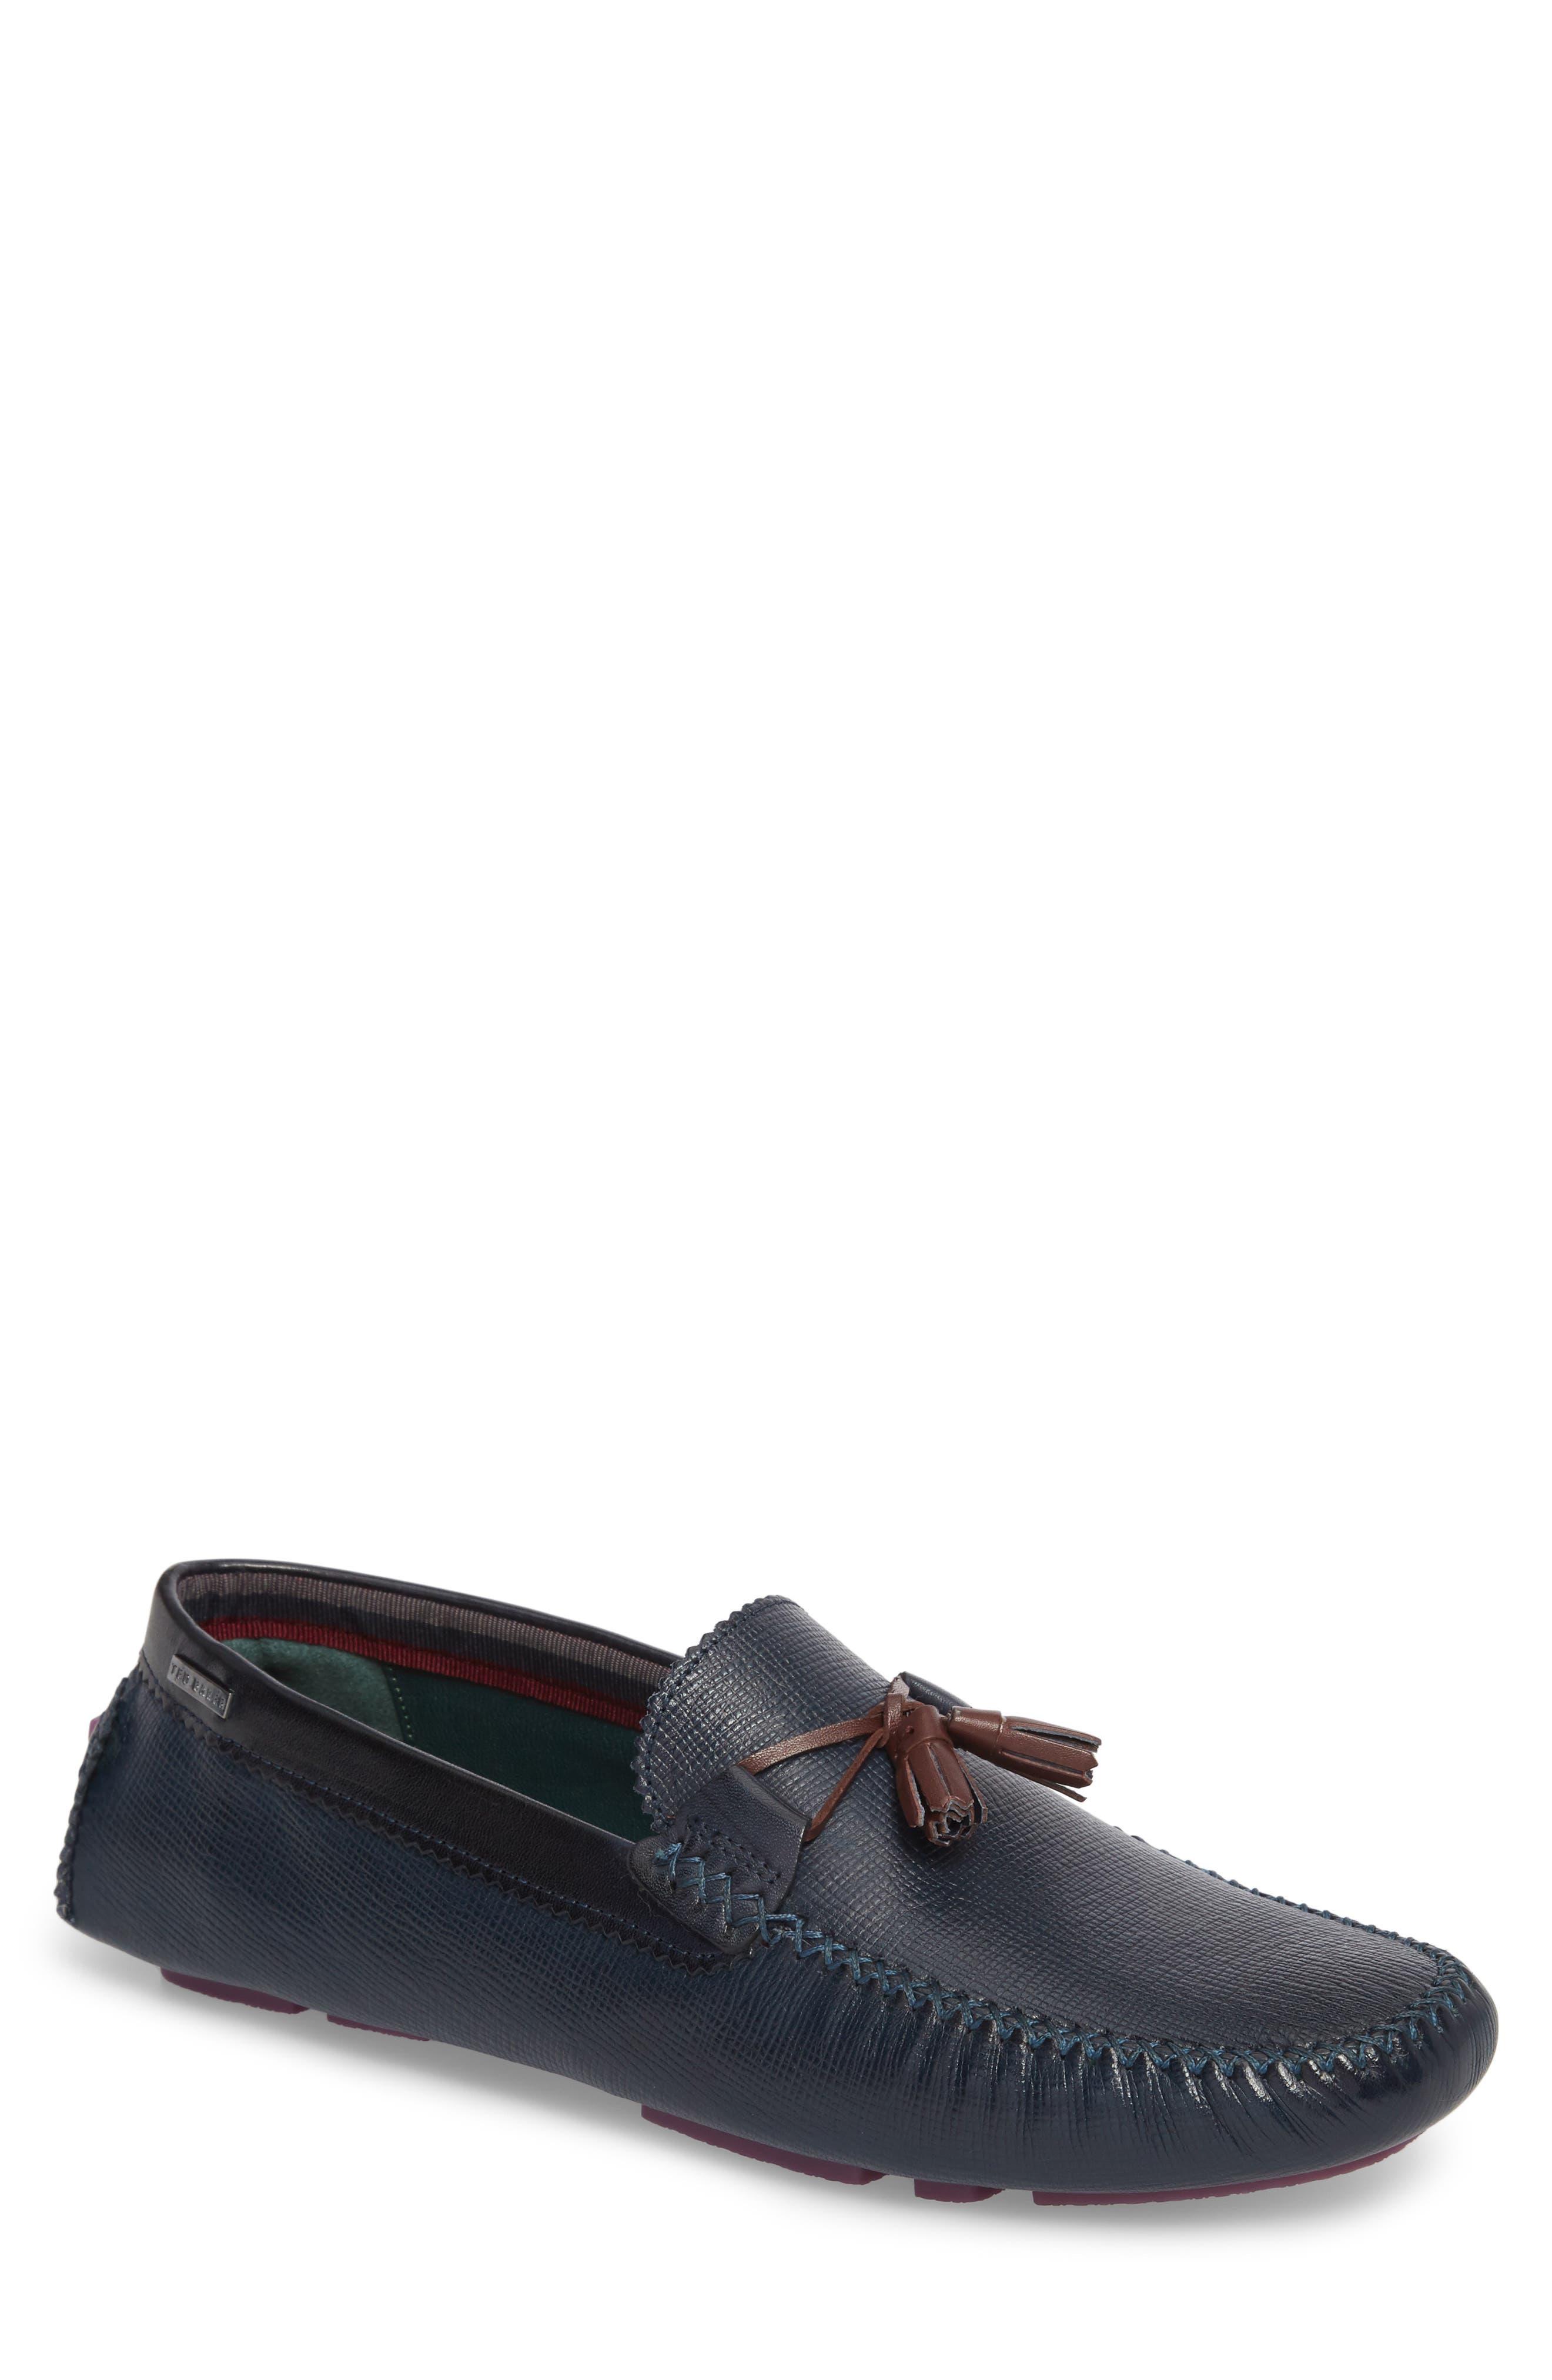 Urbonn Tasseled Driving Loafer,                         Main,                         color, Dark Blue Leather